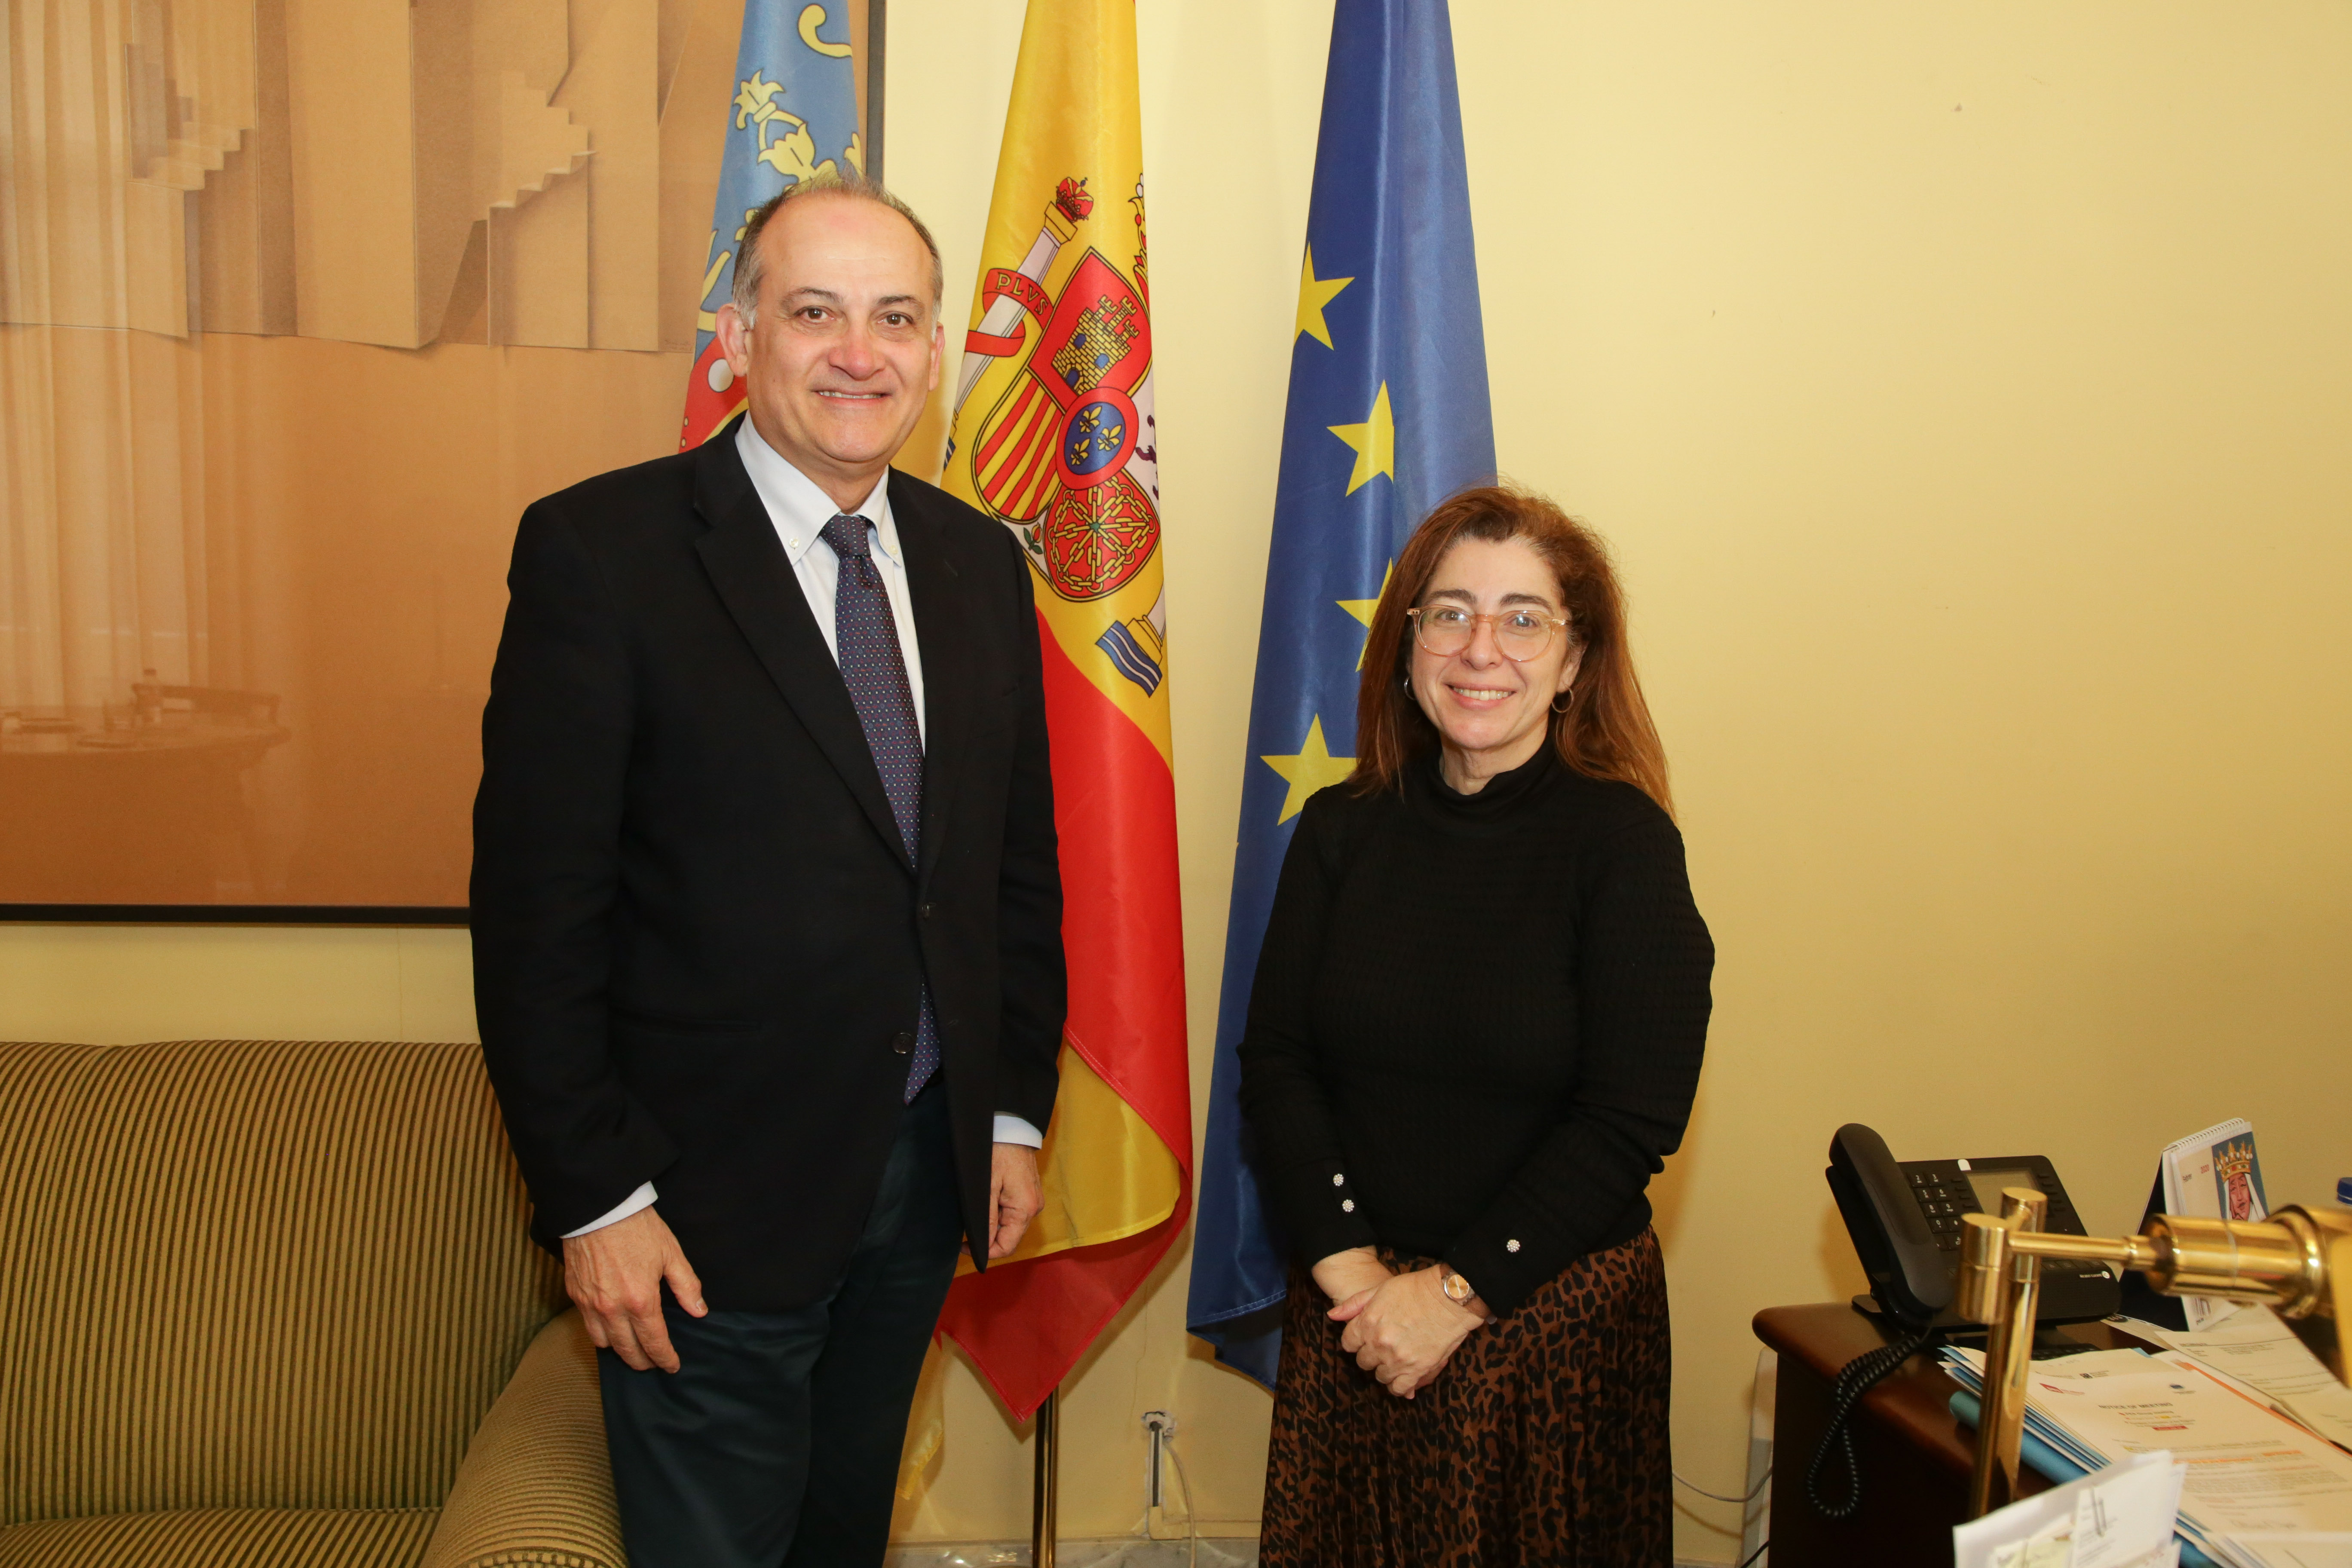 El secretario autonómico para la Unión Europea y Relaciones Externas se reúne con la cónsul general de Portugal